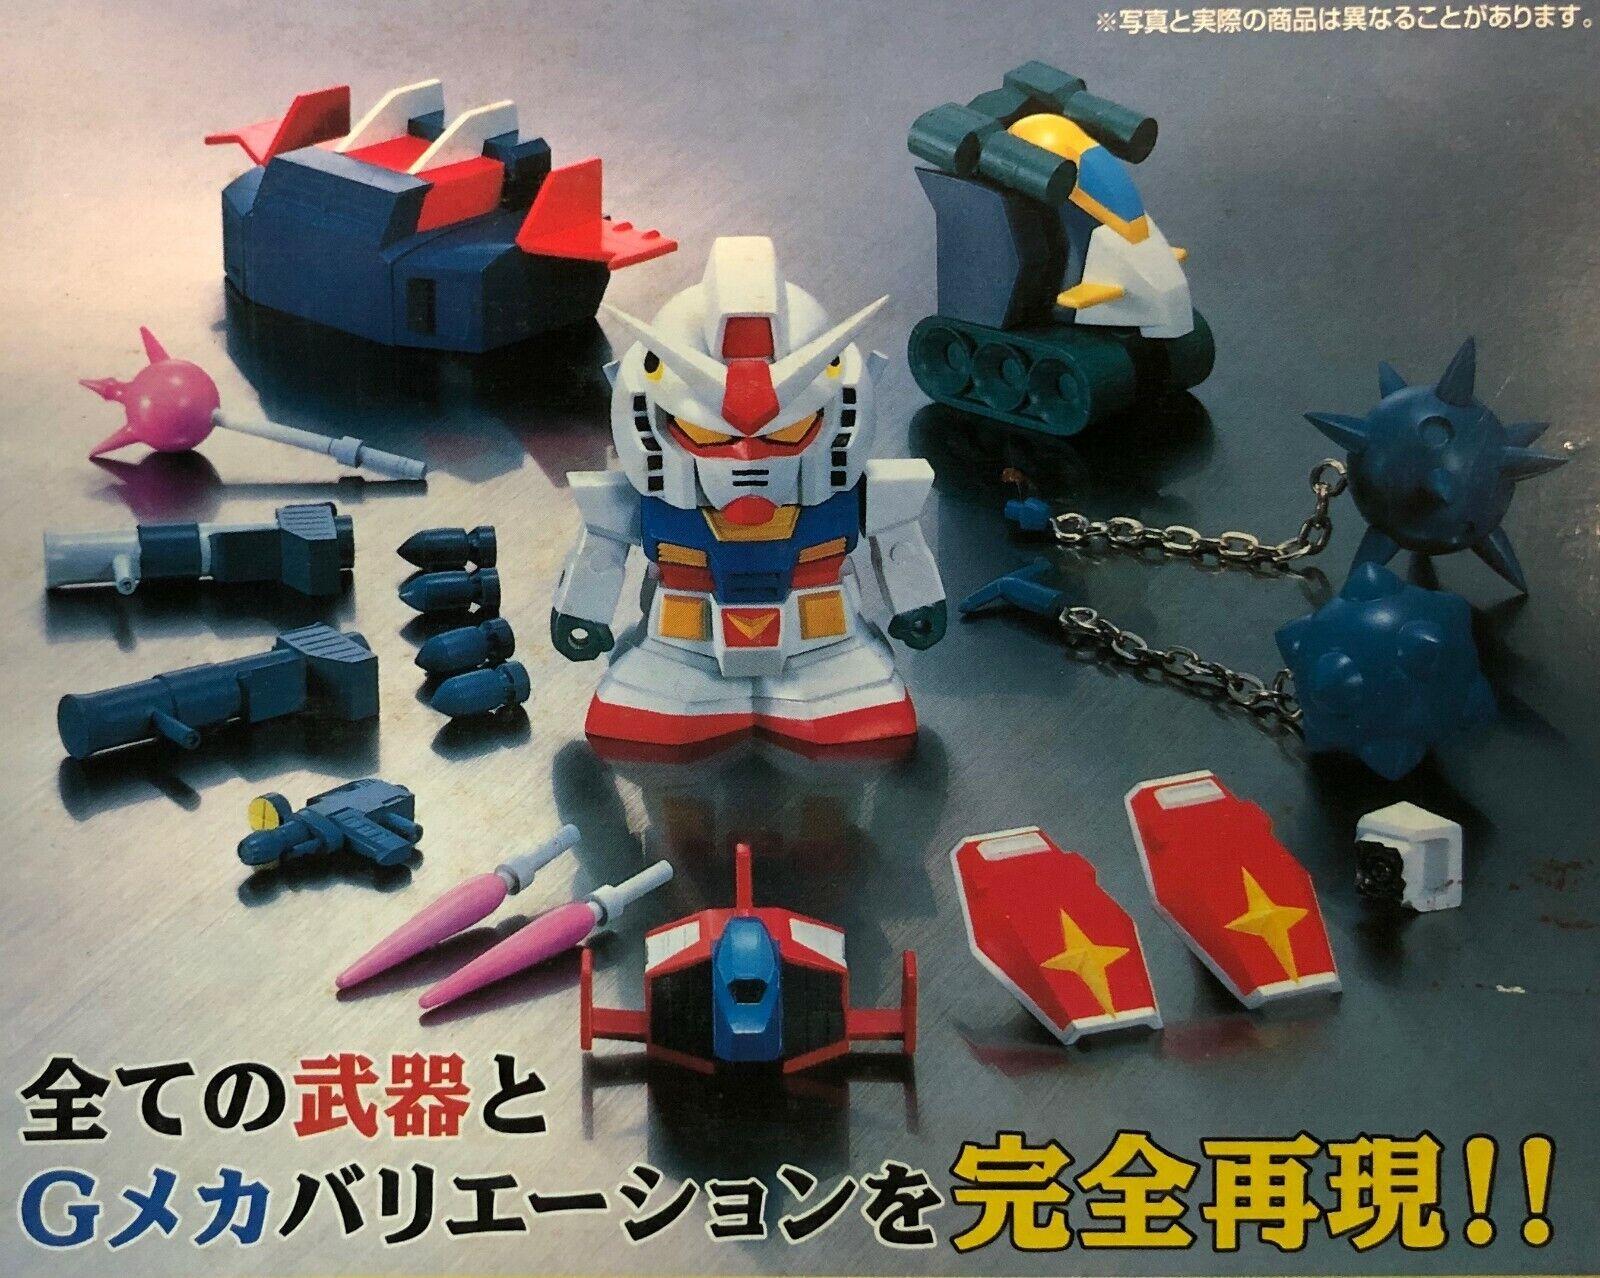 azione cifra Gundam rx 78 2 Full opzionale arma set super pulizia